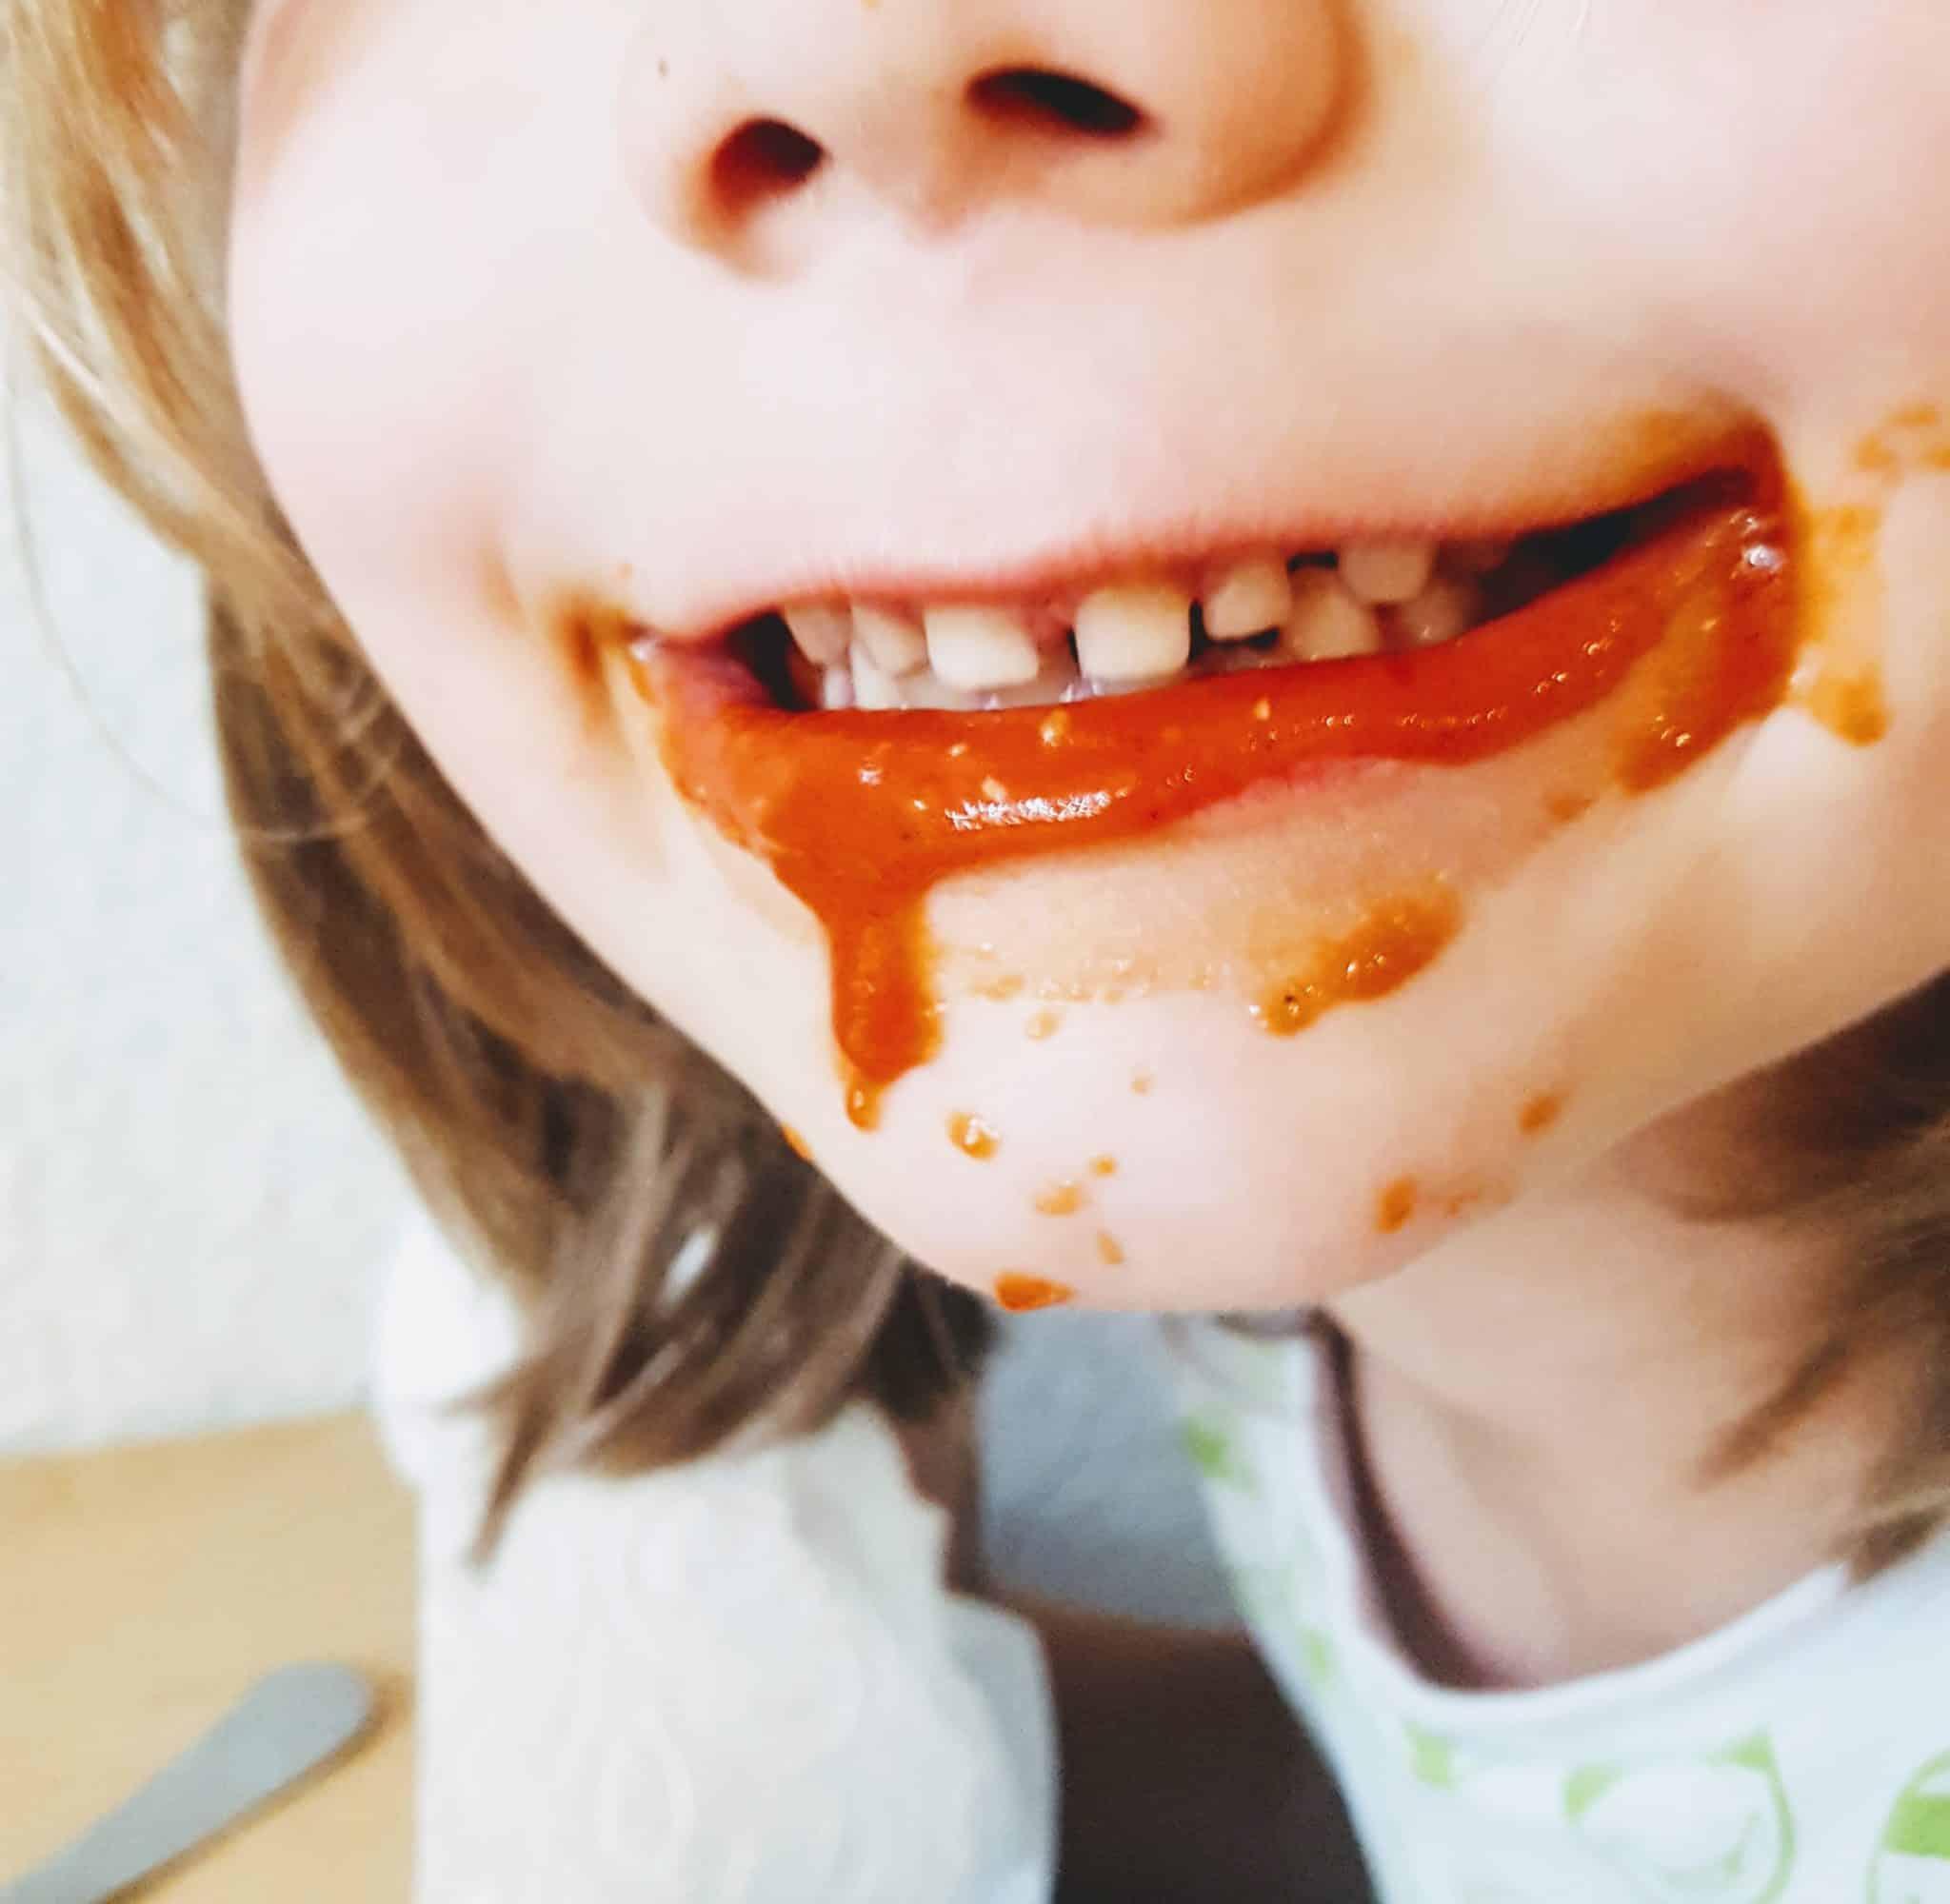 Tomatensauce an einem Kindermund